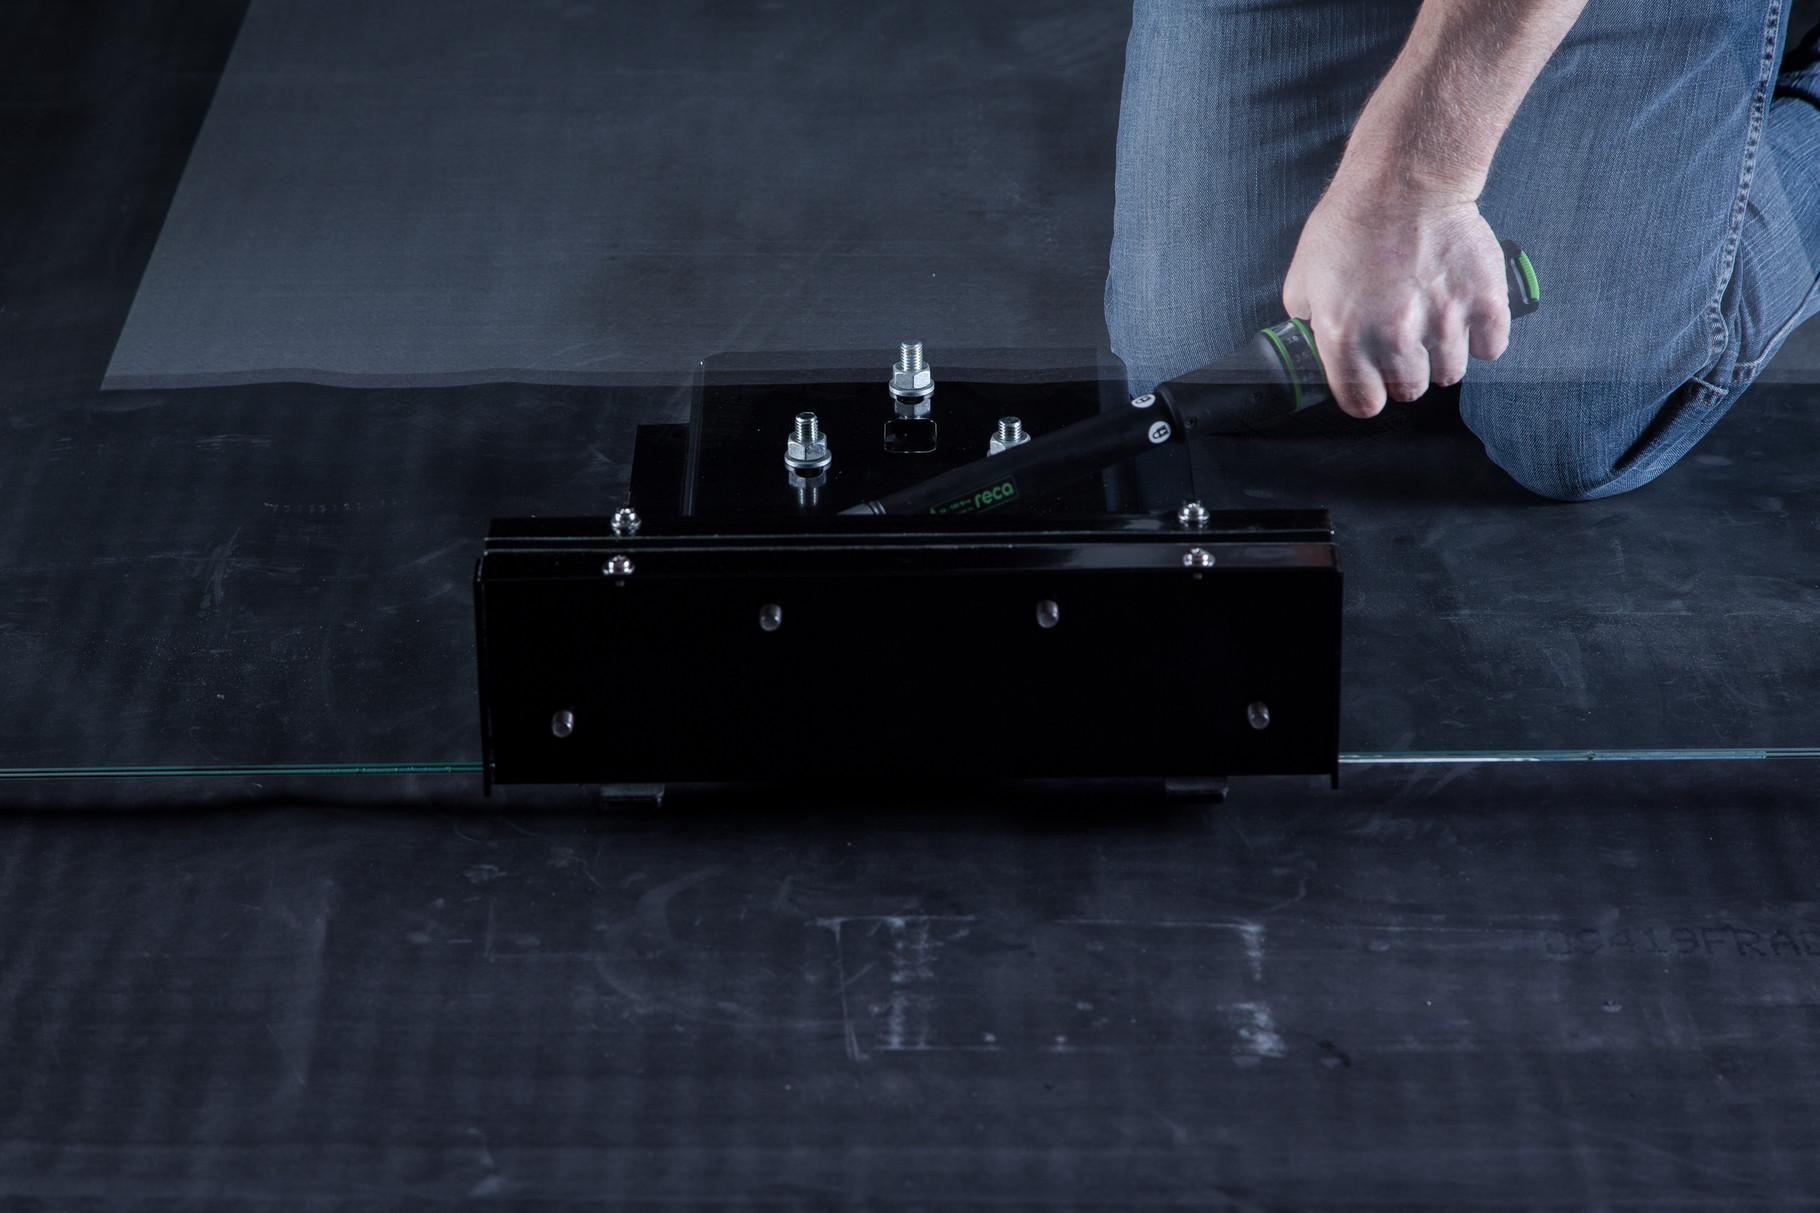 Die Schrauben der Glaskonsole/Gegenplatte mit dem Drehmomentschlüssel festziehen.